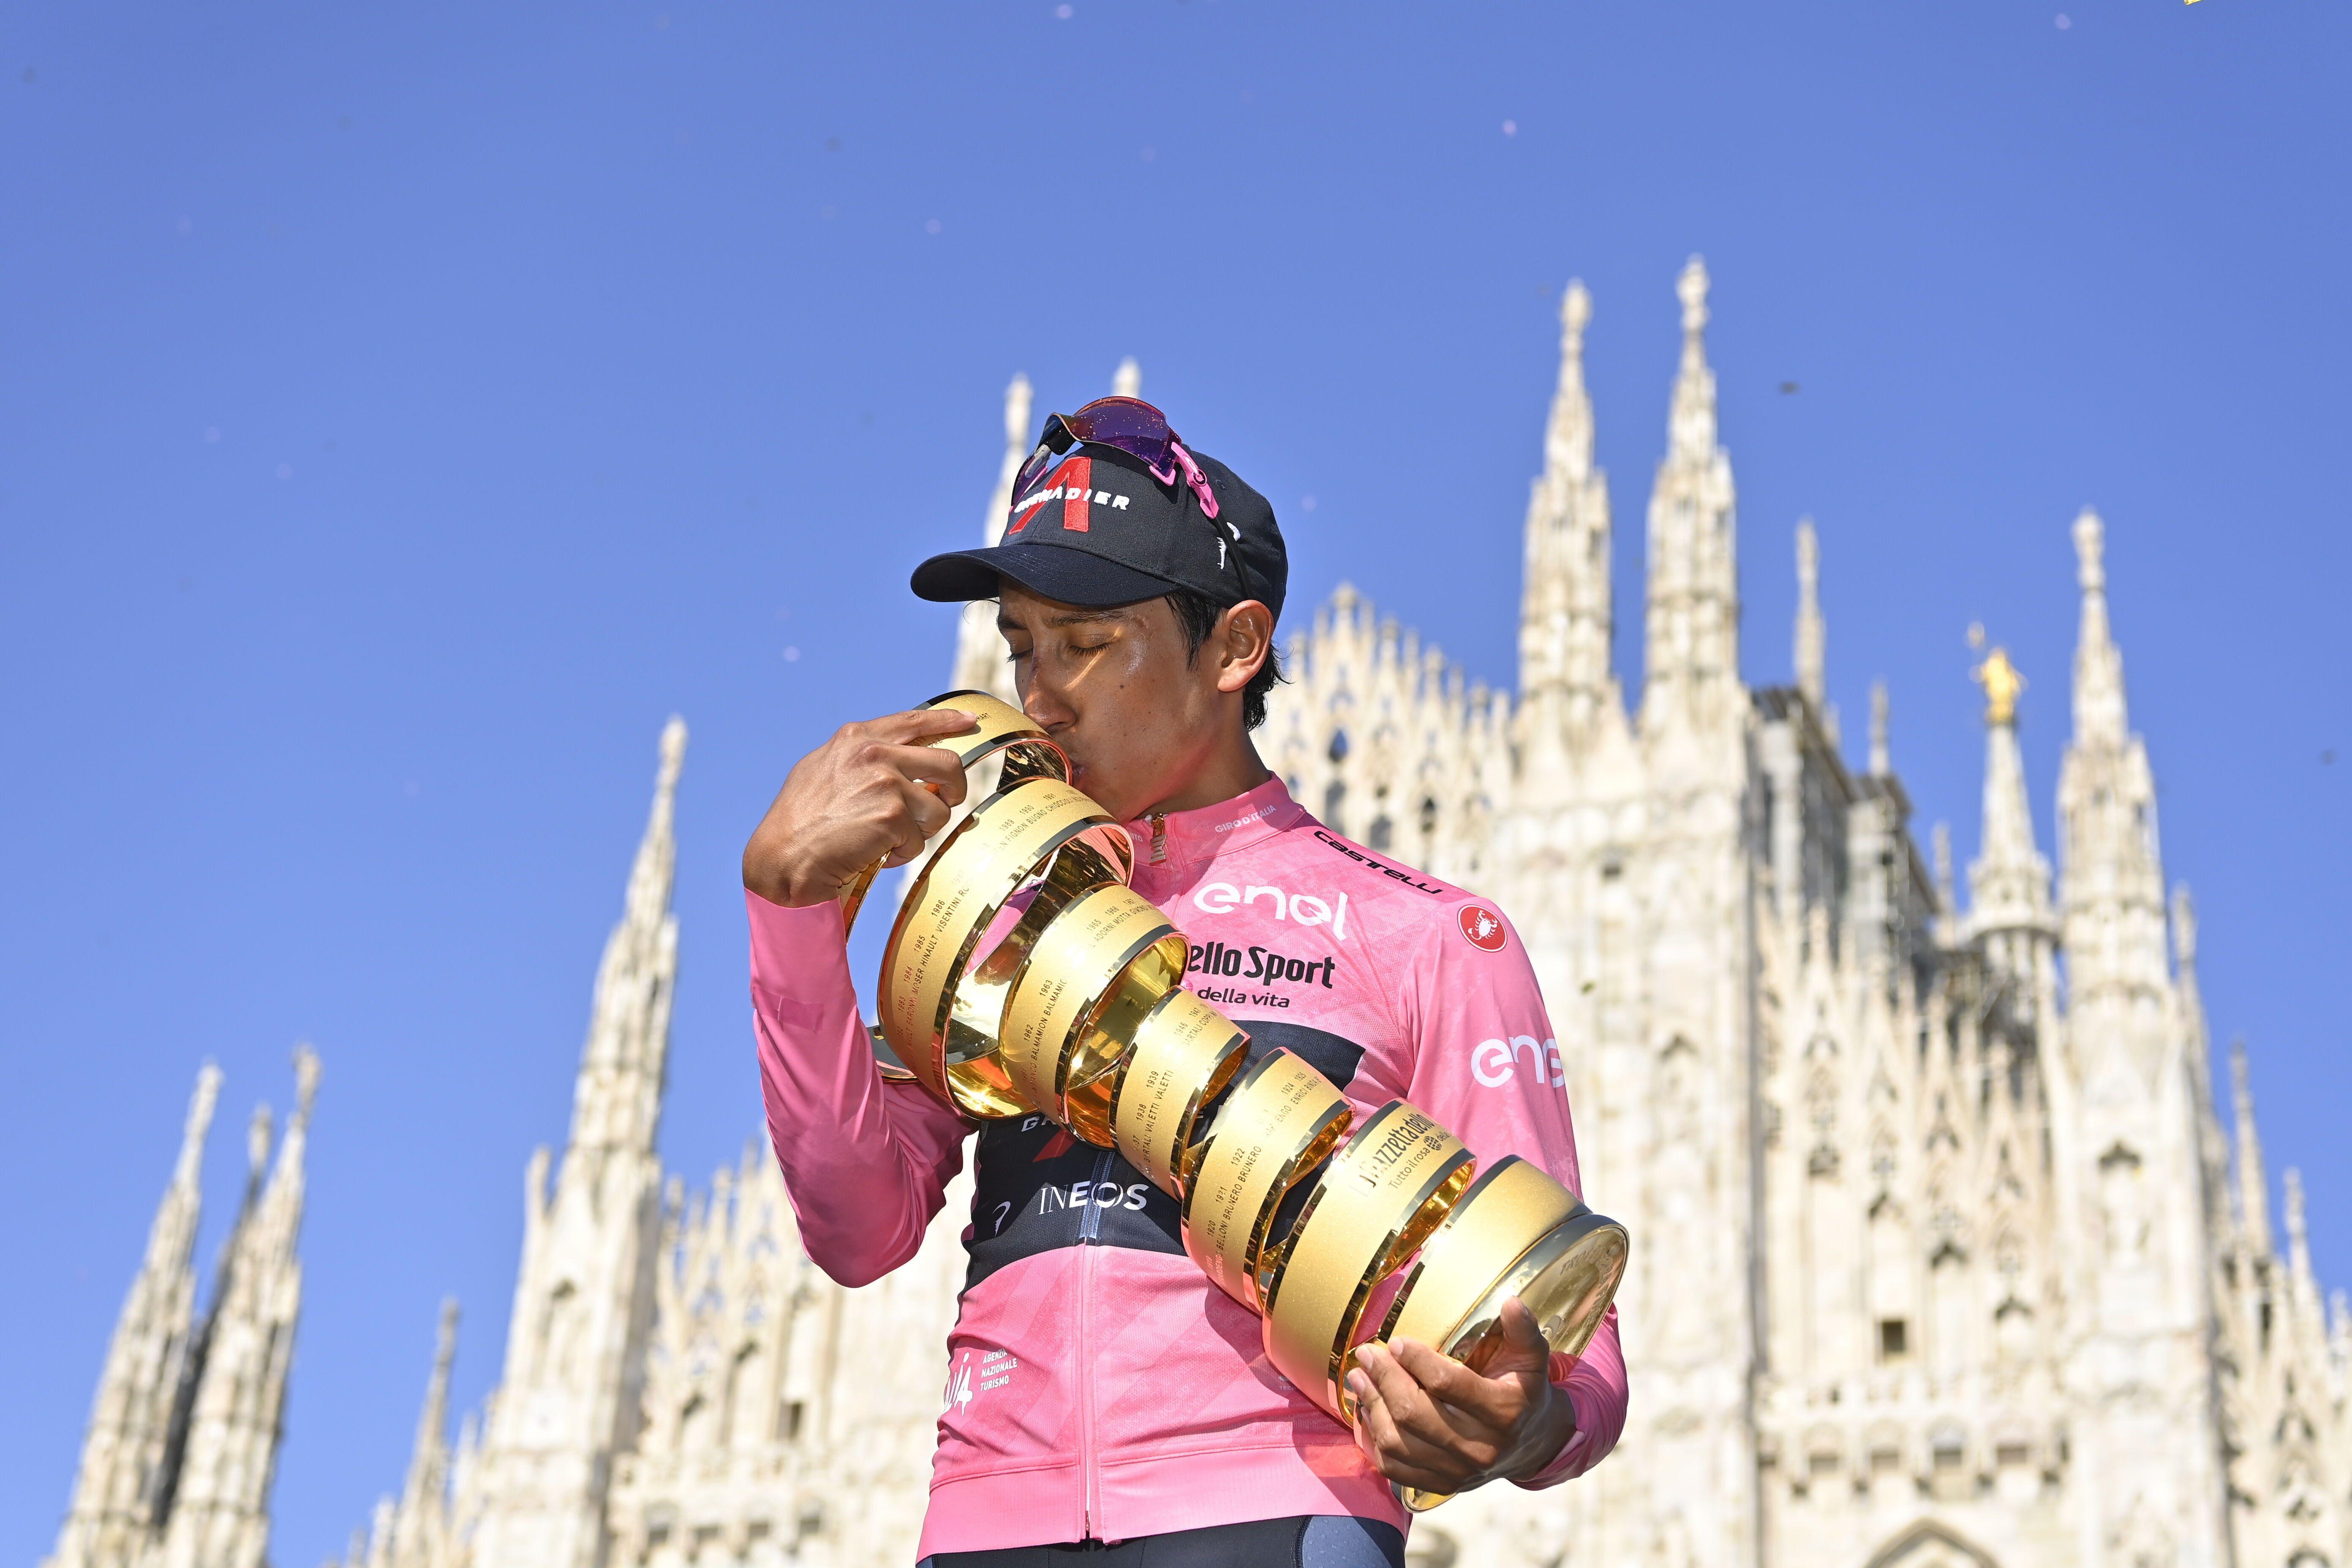 GIRO D'ITALIA - Egan Bernal in lacrime all'arrivo: «Non riesco a credere a quello che sta succedendo, ho appena vinto il Giro»